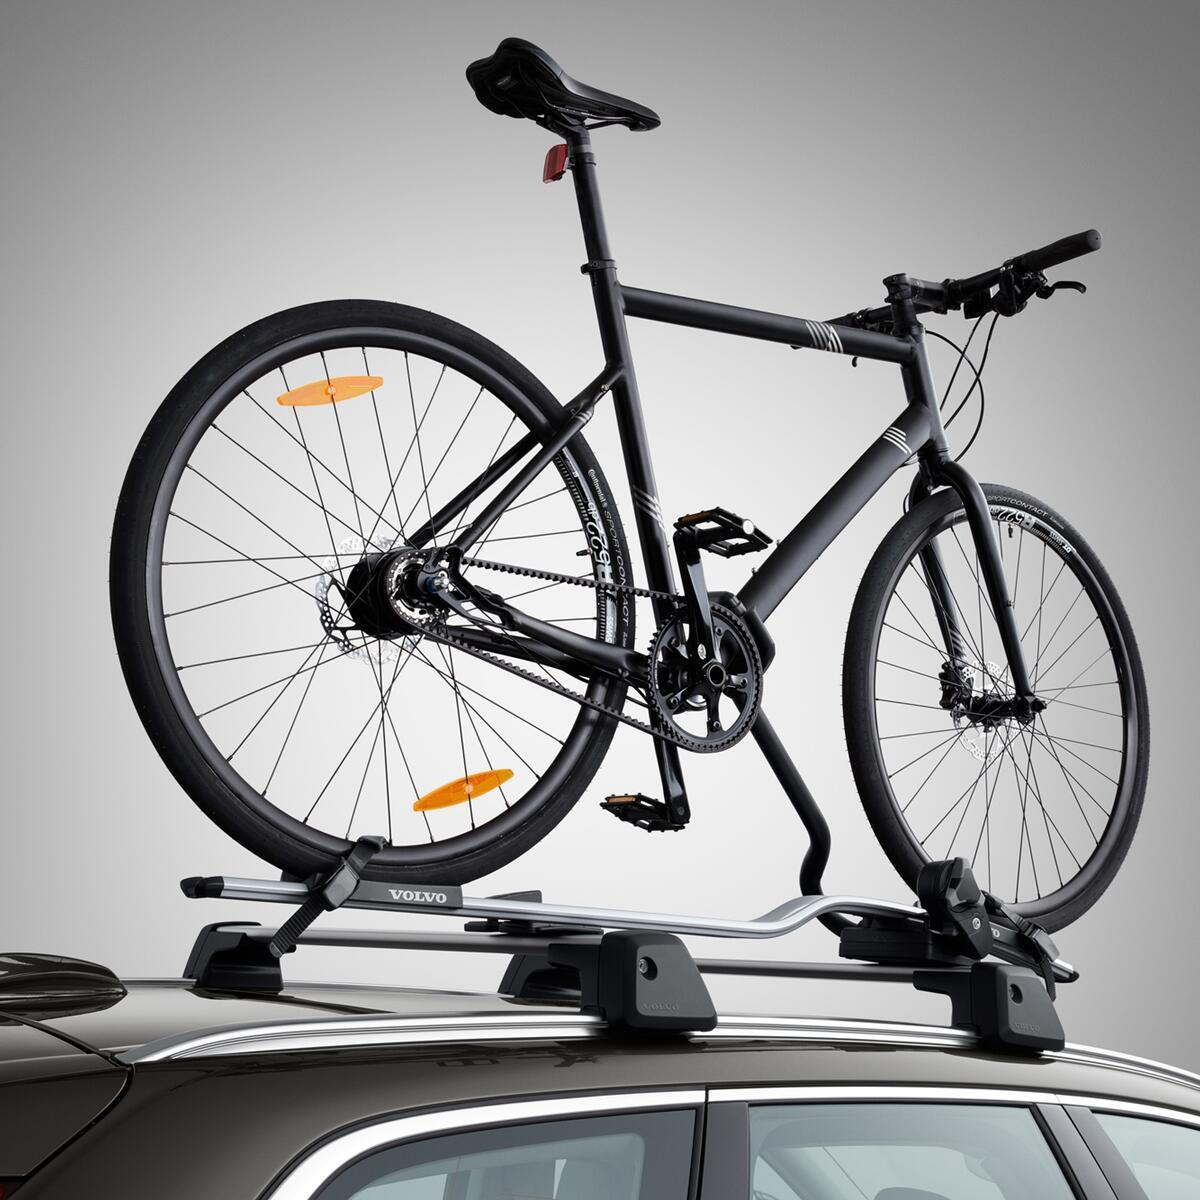 Aluminijast nosilec za kolesa z držalom okvirja